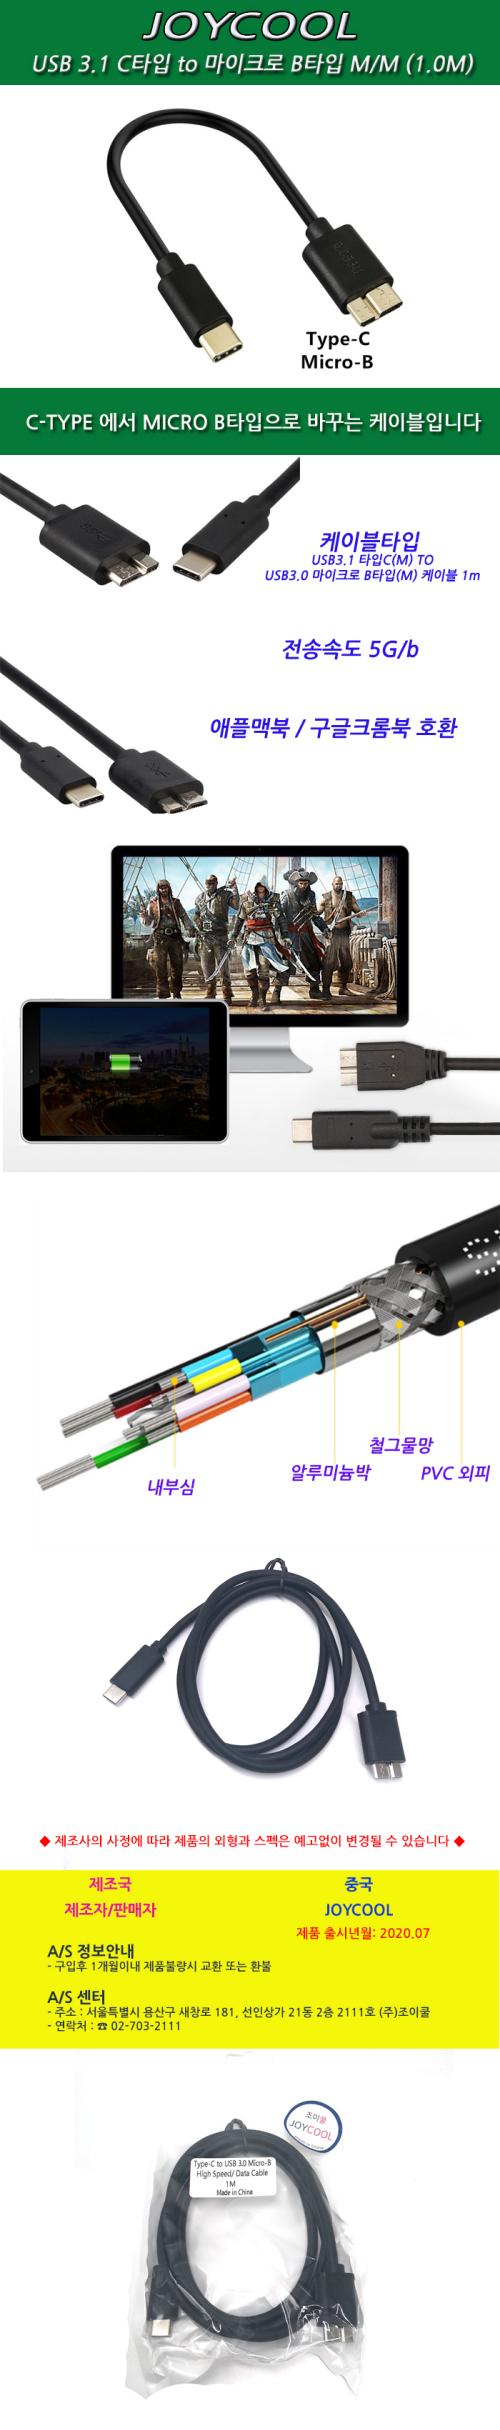 조이쿨 USB 3.0 Type C to 마이크로 B 변환 케이블 (1m)